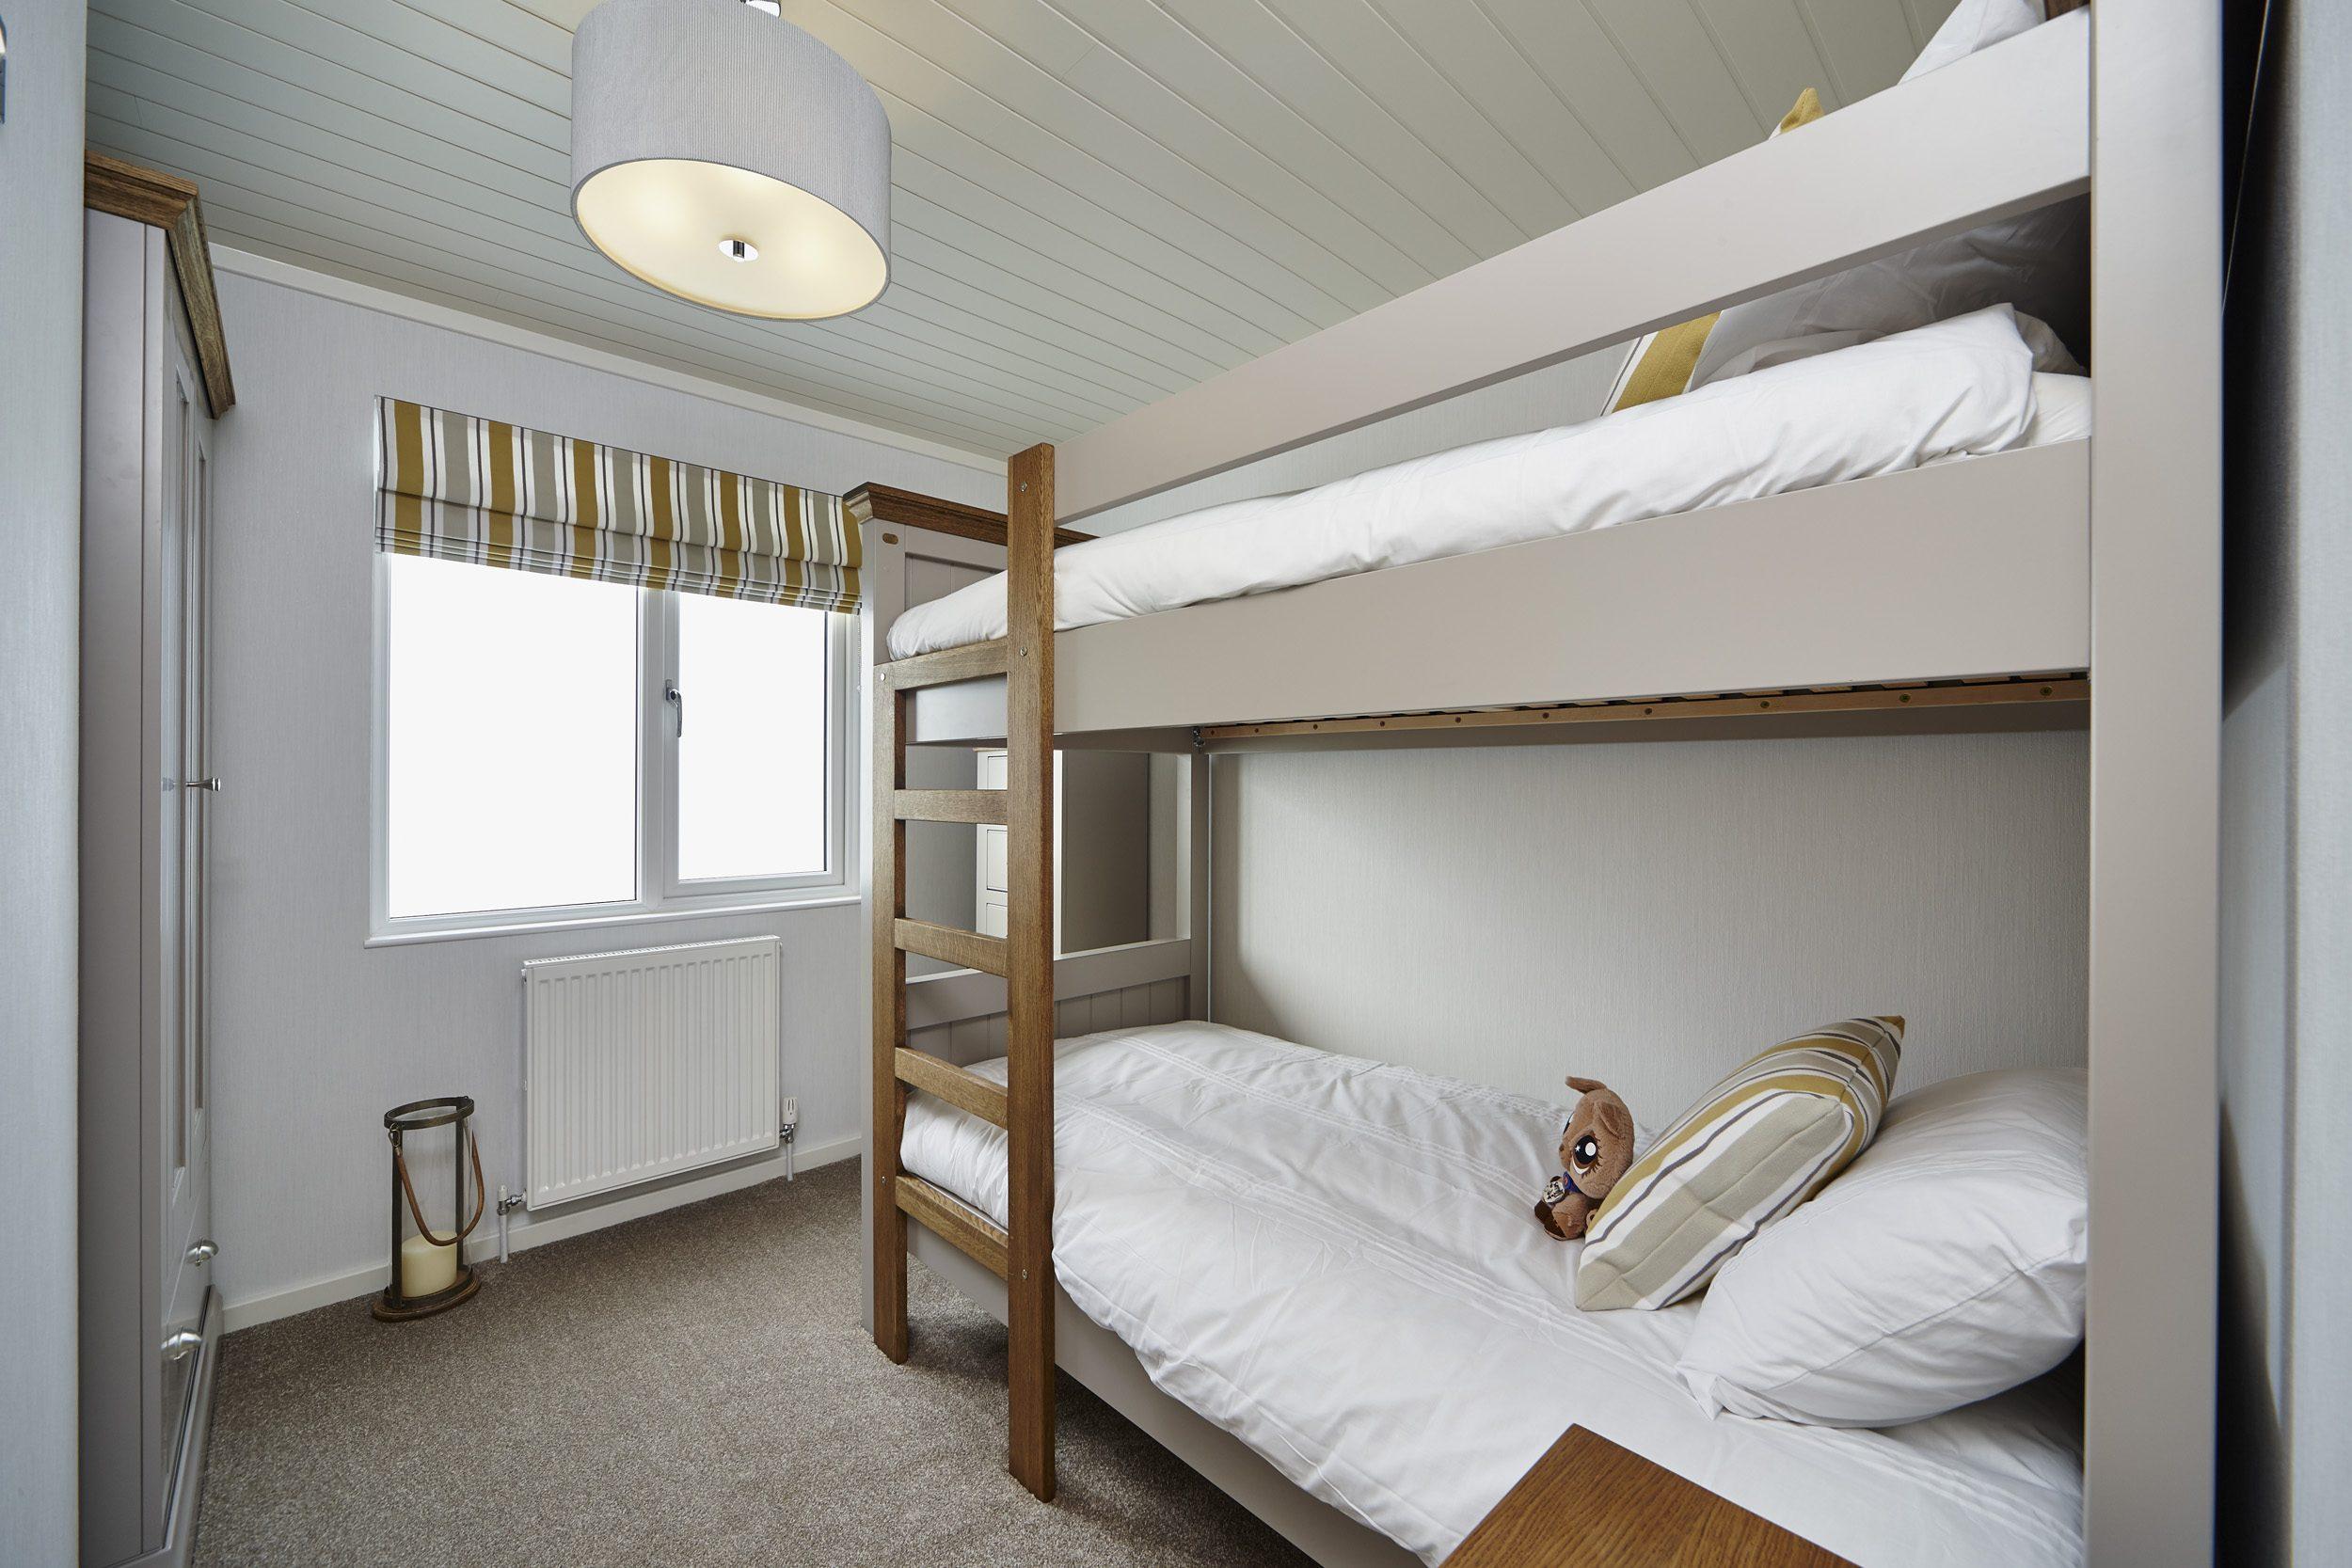 The Muskoka lodge, bedroom with bunkbeds